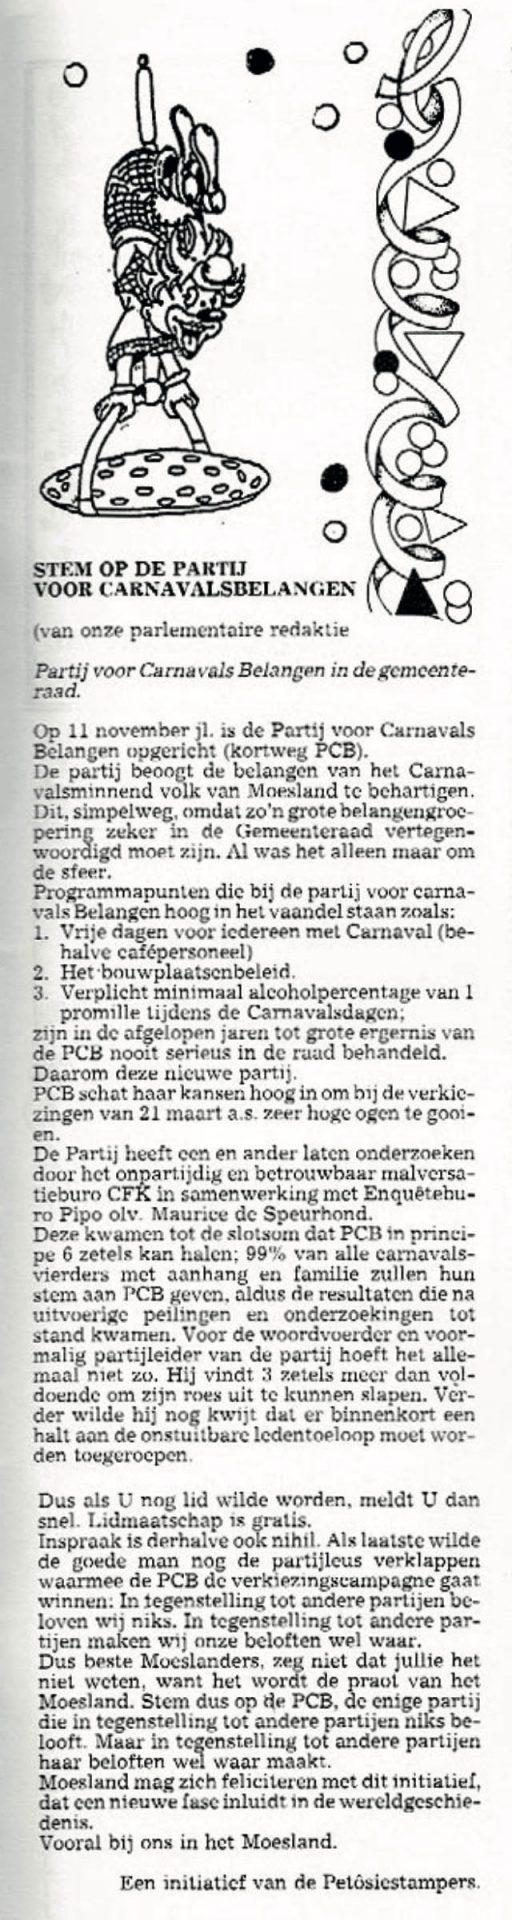 Stukje uit de carnavalskrant van de Petôsiestampers - 1990